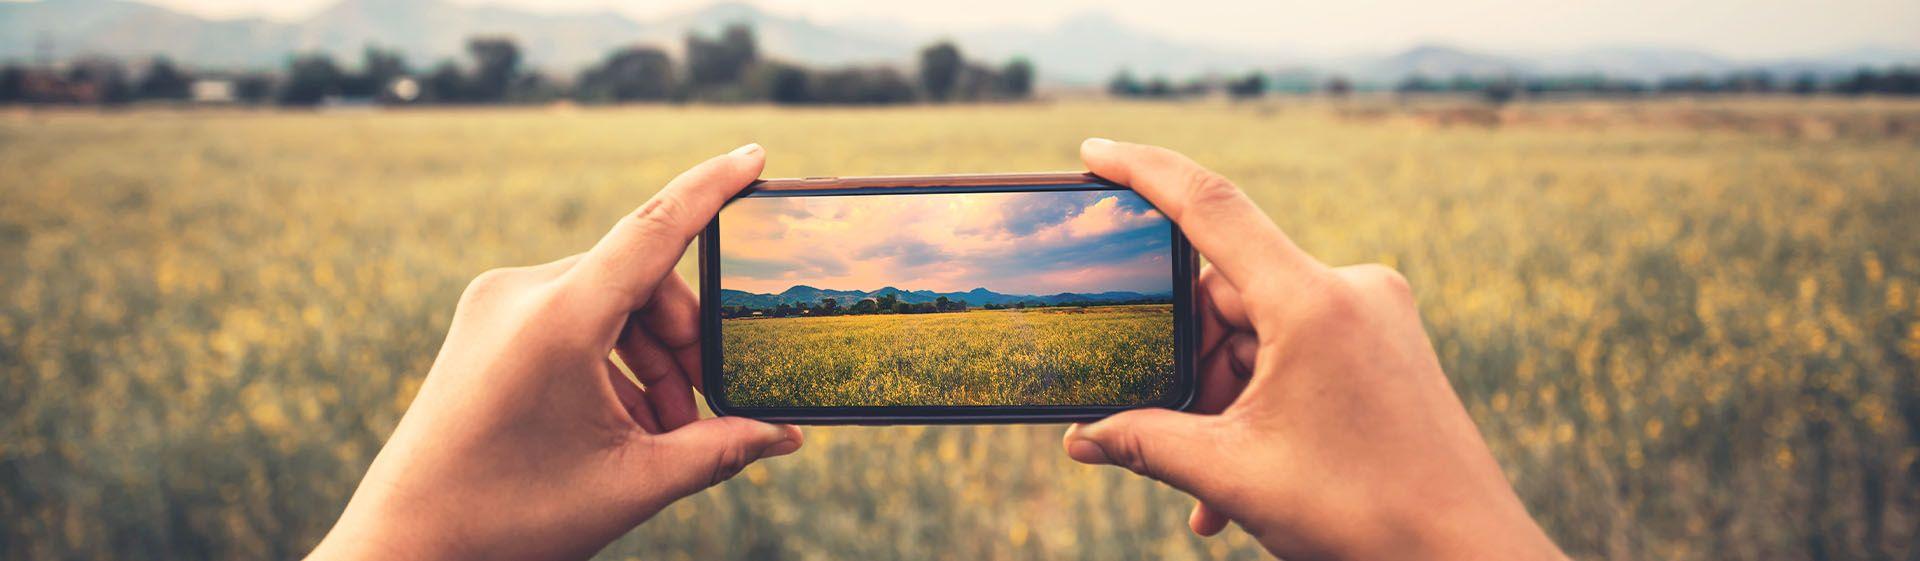 Melhor câmera de celular em 2020: 13 smartphones para foto e vídeo